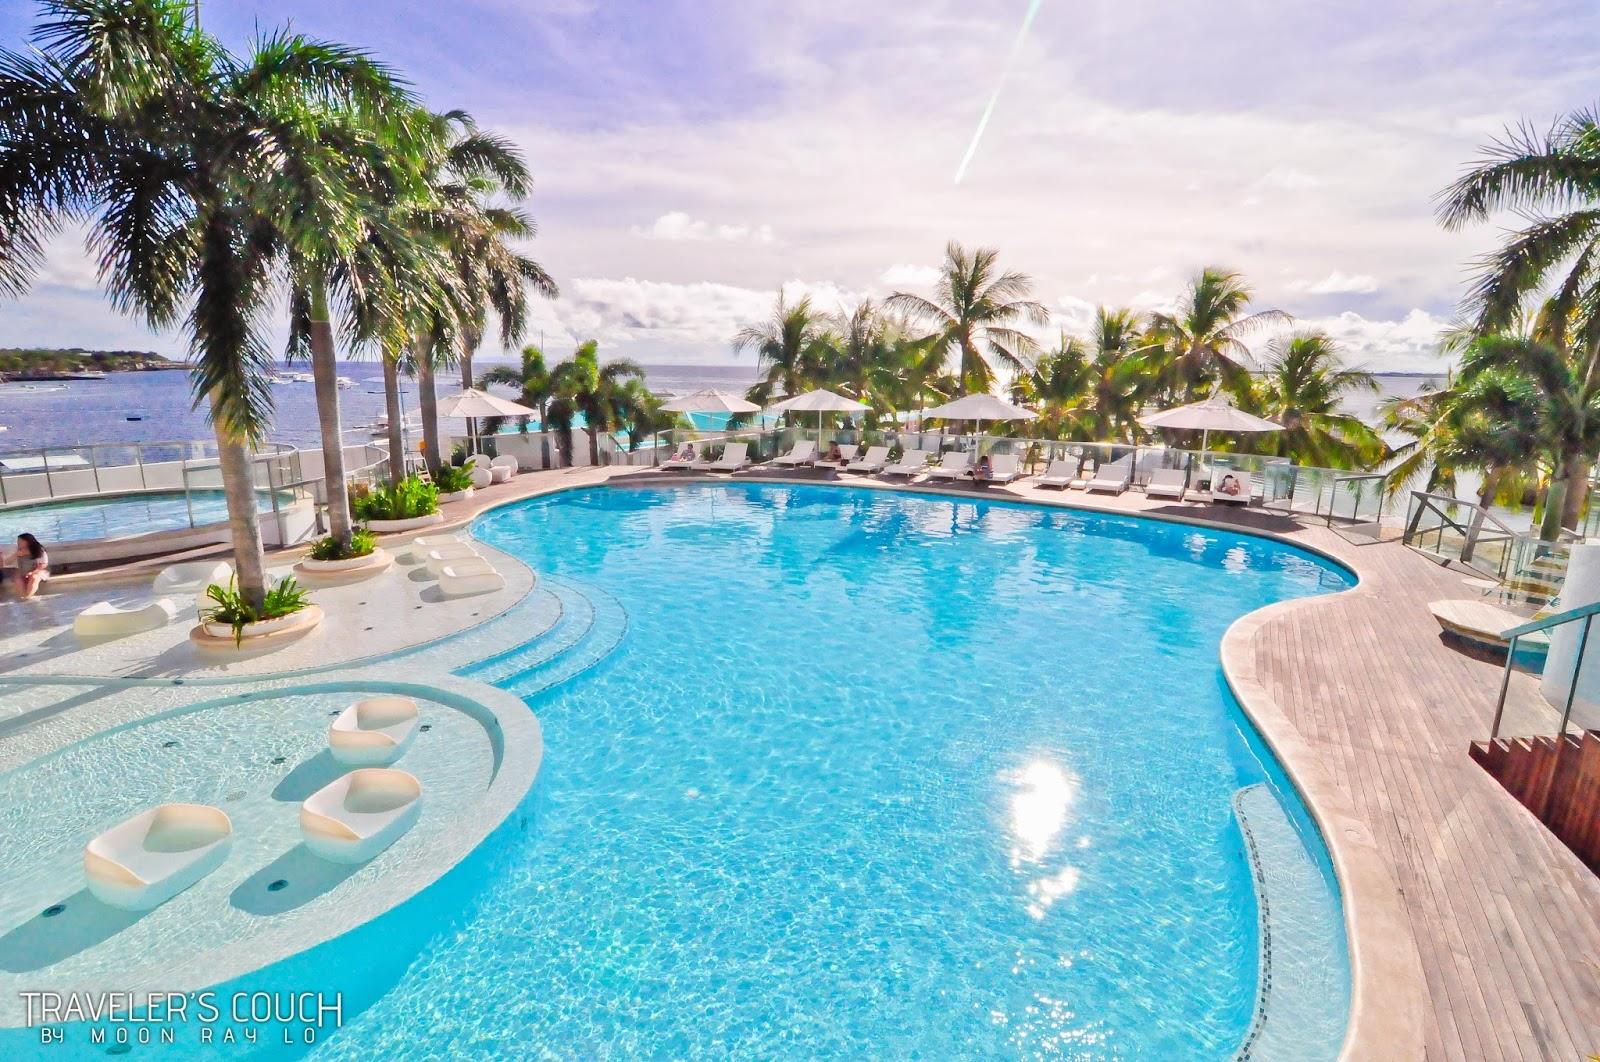 Moevenpick hotel mactan island cebu experience cebu 39 s - Diamond suites cebu swimming pool ...